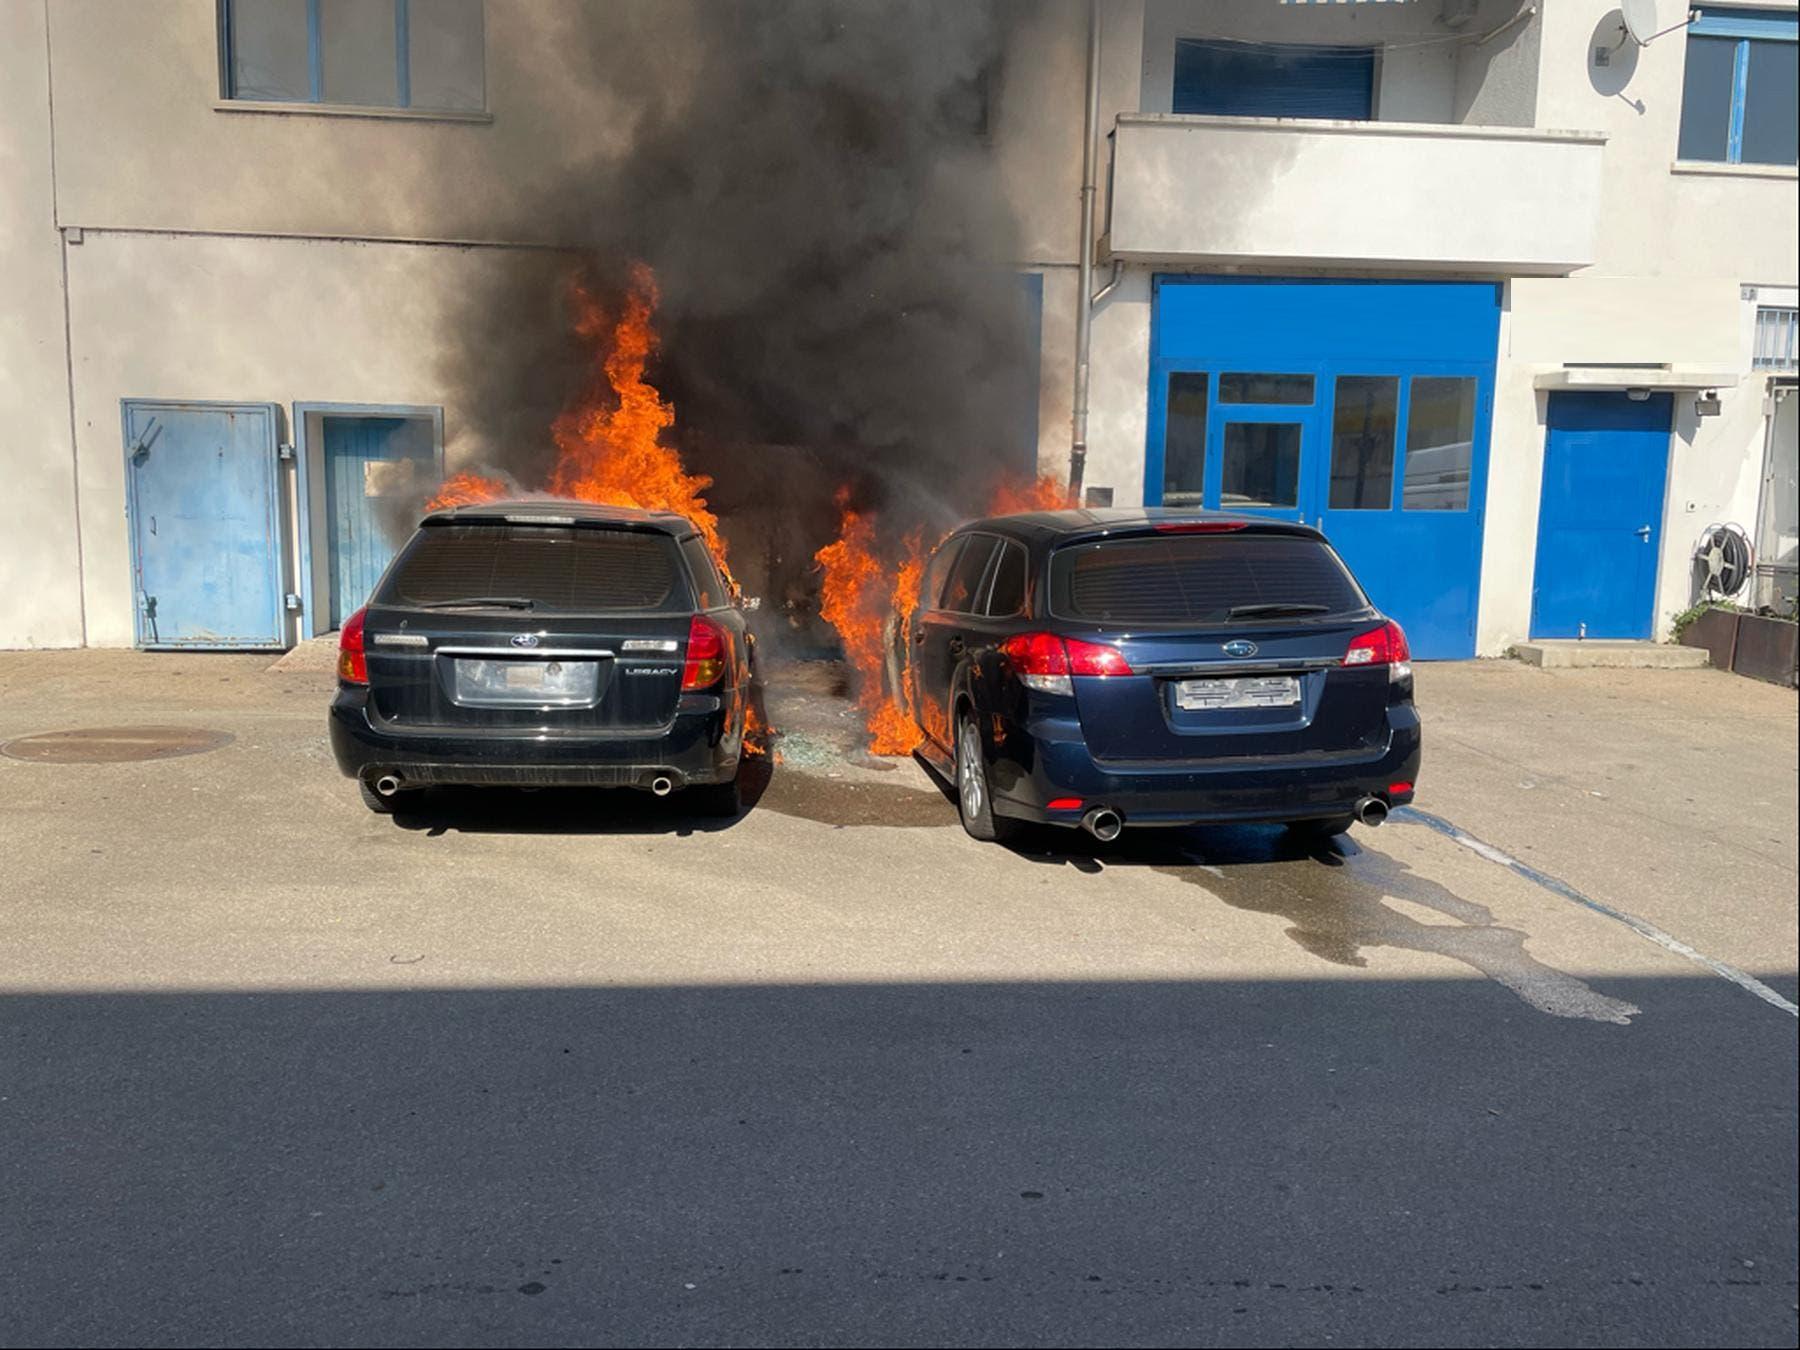 Aesch BL, 28. Februar 2021: Auf einem Garagenvorplatz gerieten zwei parkierte Personenwagen in Brand. Personen wurden keine verletzt.